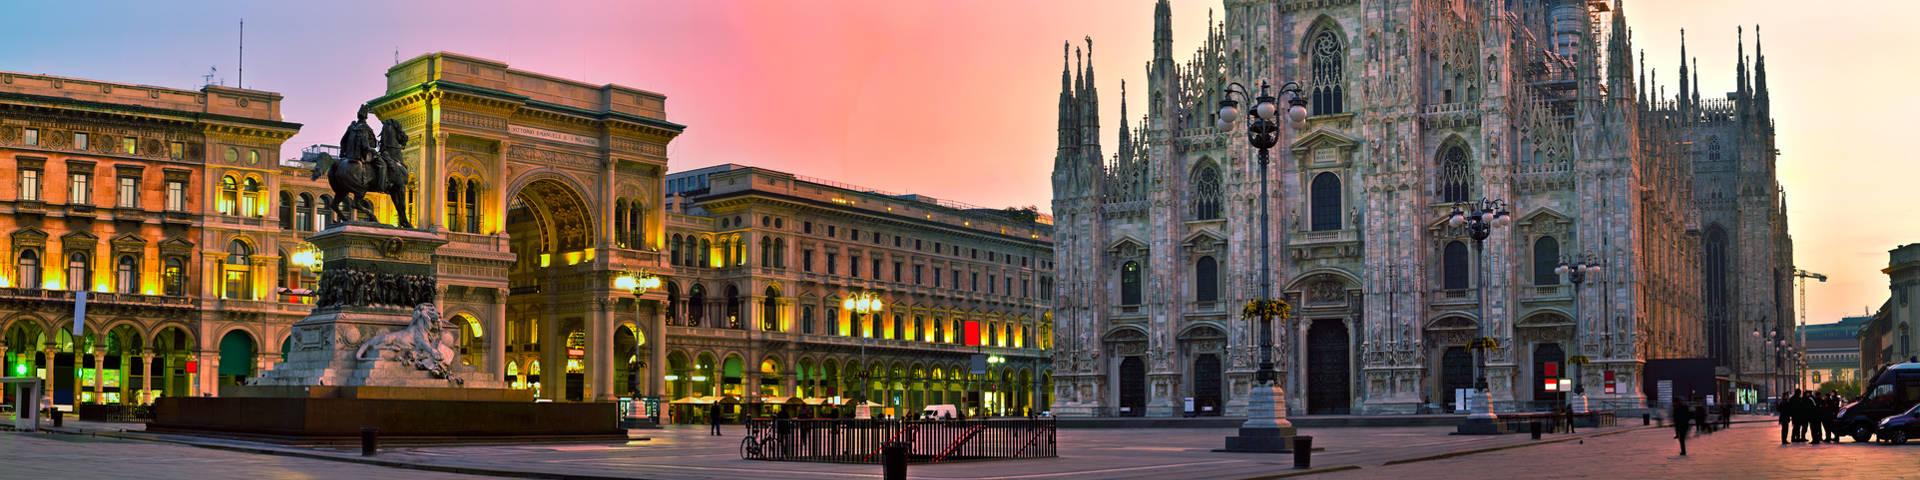 Milan hero banner